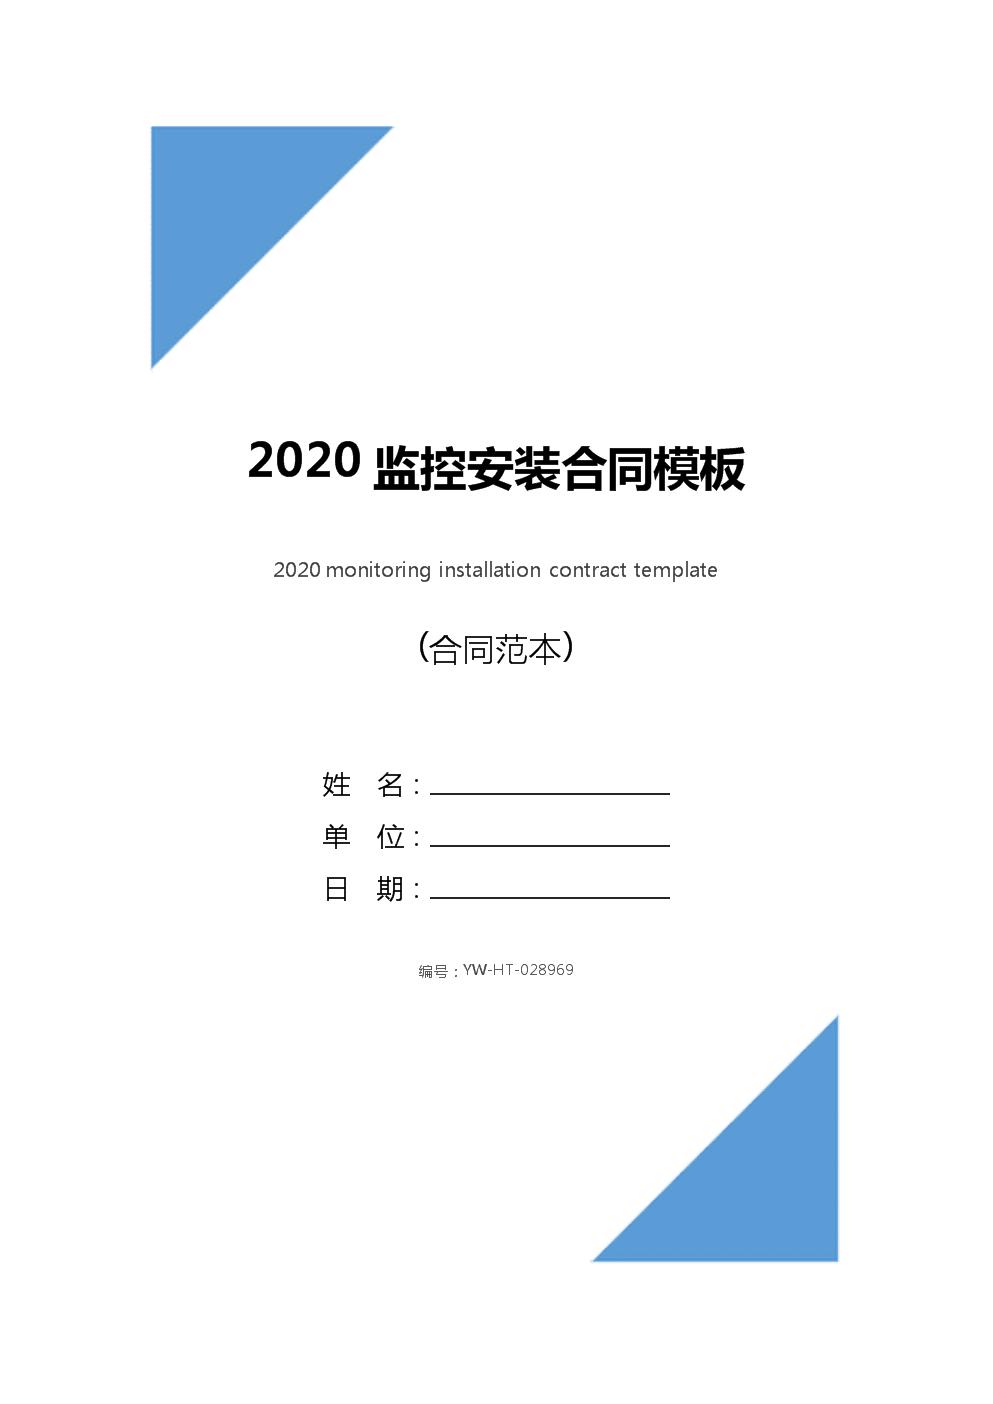 2020监控安装合同模板.docx